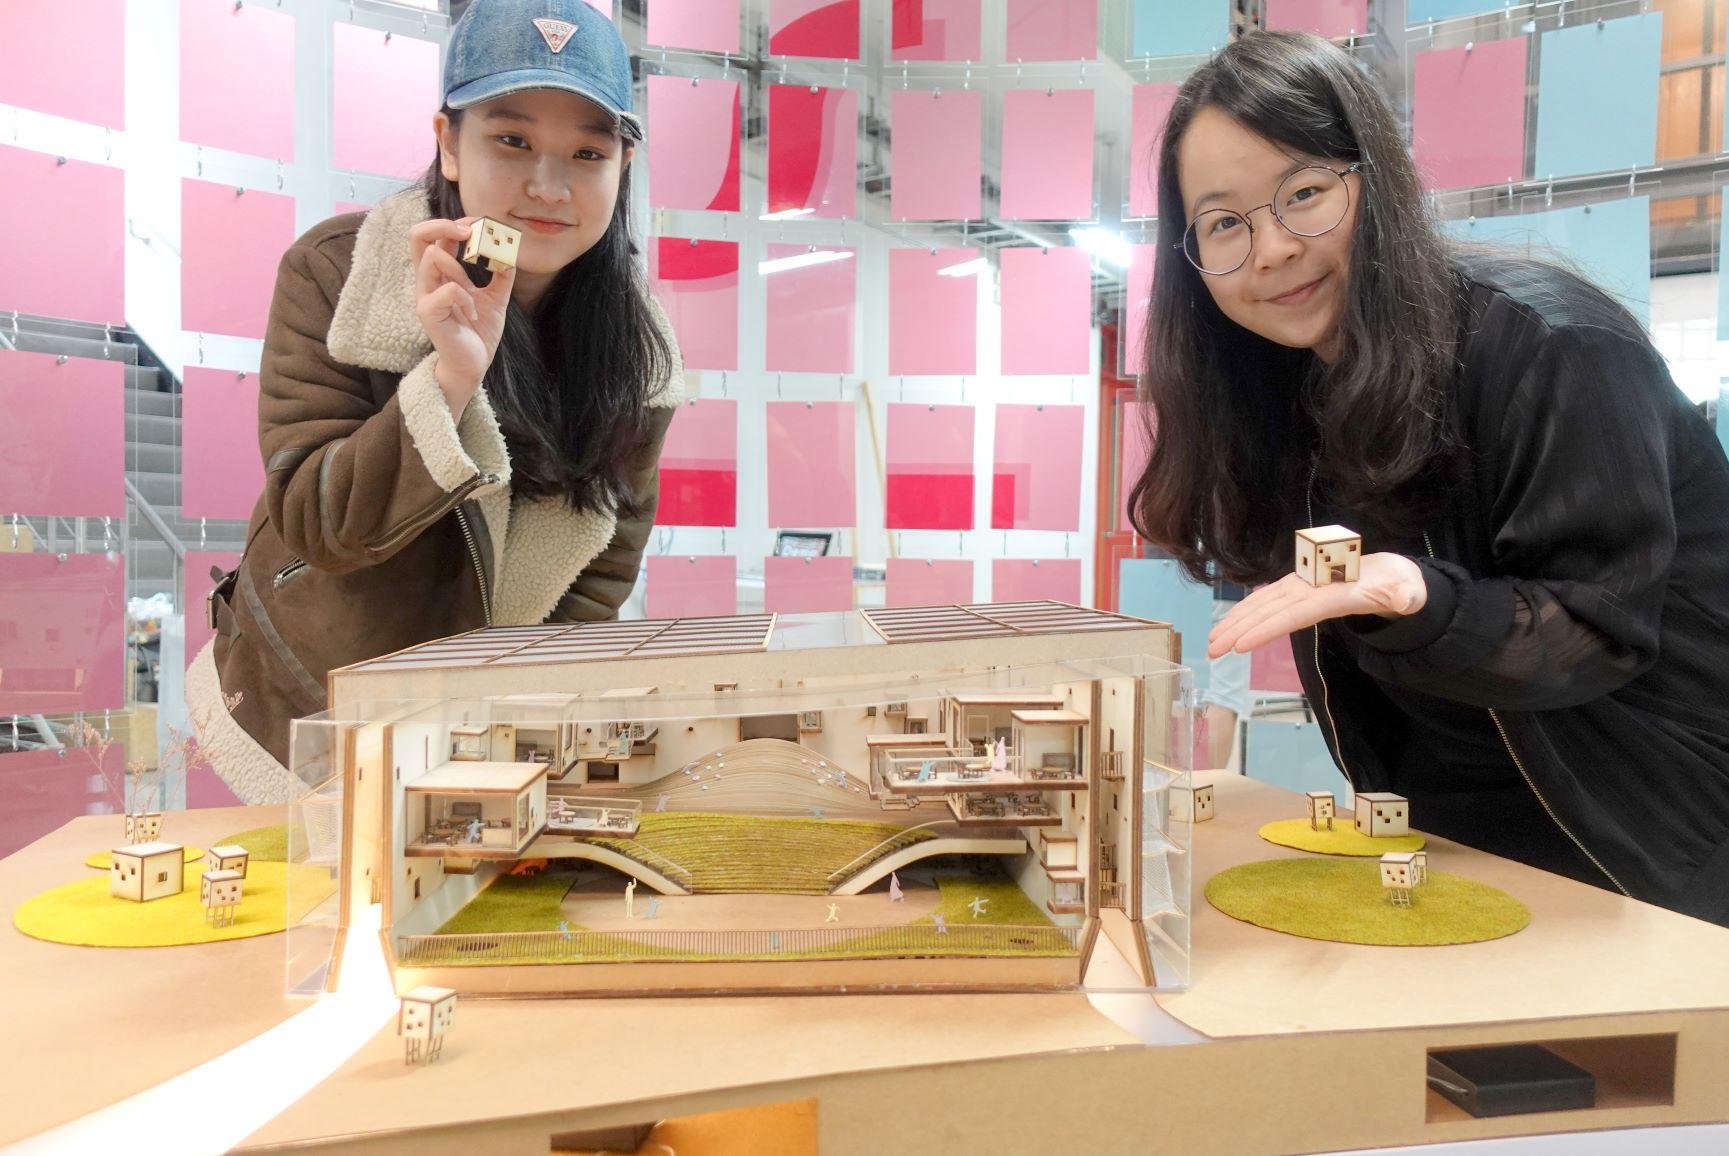 黃麗心(左)與羅安洳的畢業作品「洄瀾幼稚園」打開空間內外的界線,讓孩子自由探索.JPG